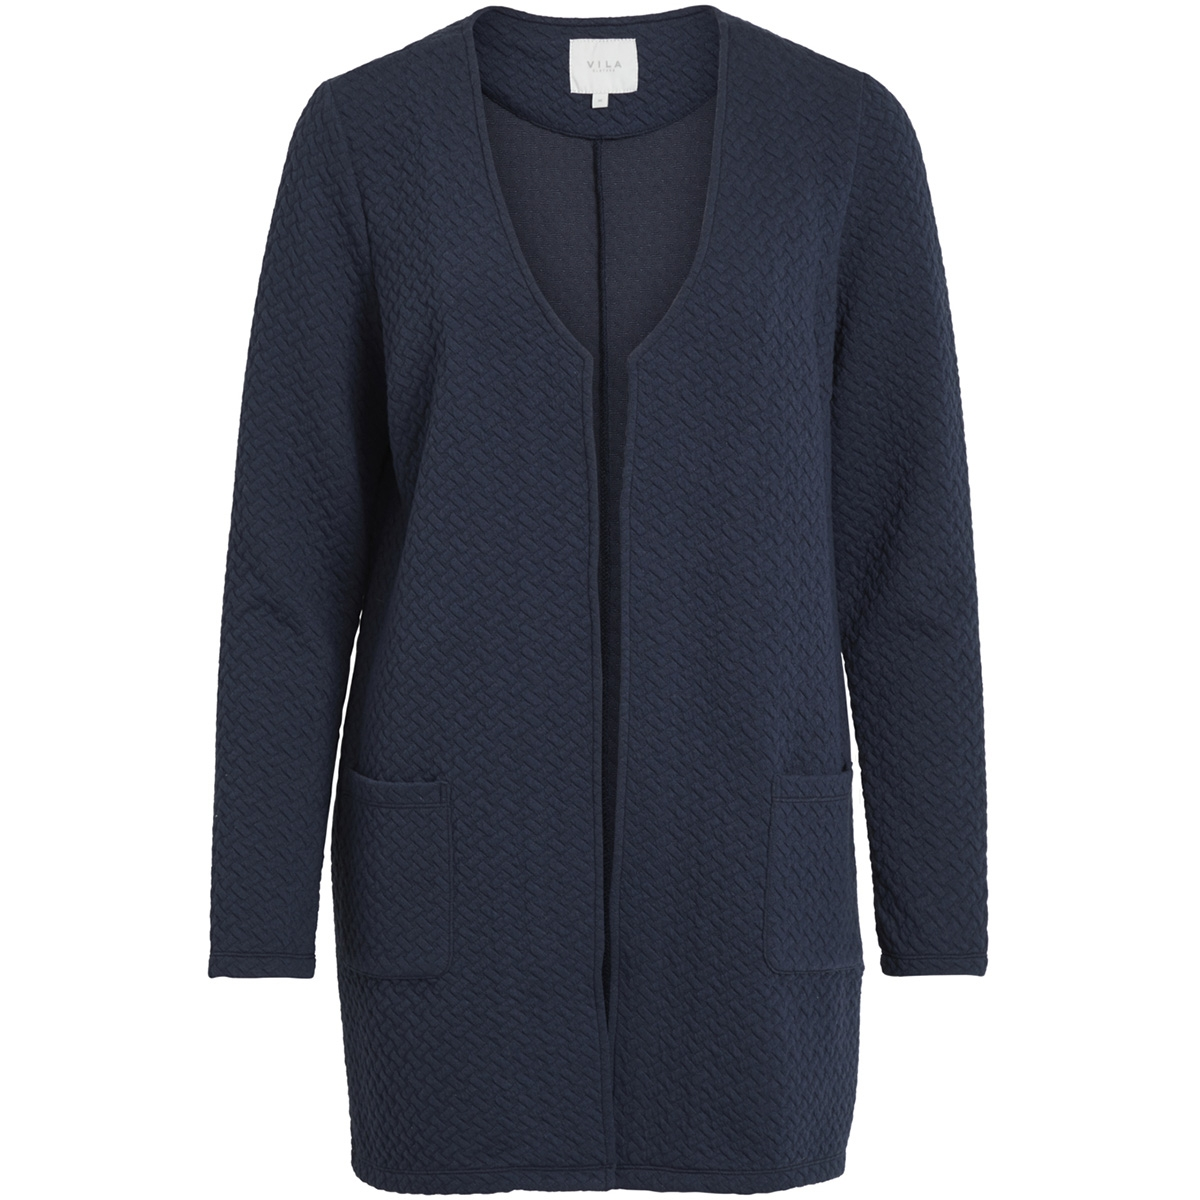 vinaja v-neck pocket l/s jacket-fav 14050571 vila vest total eclipse